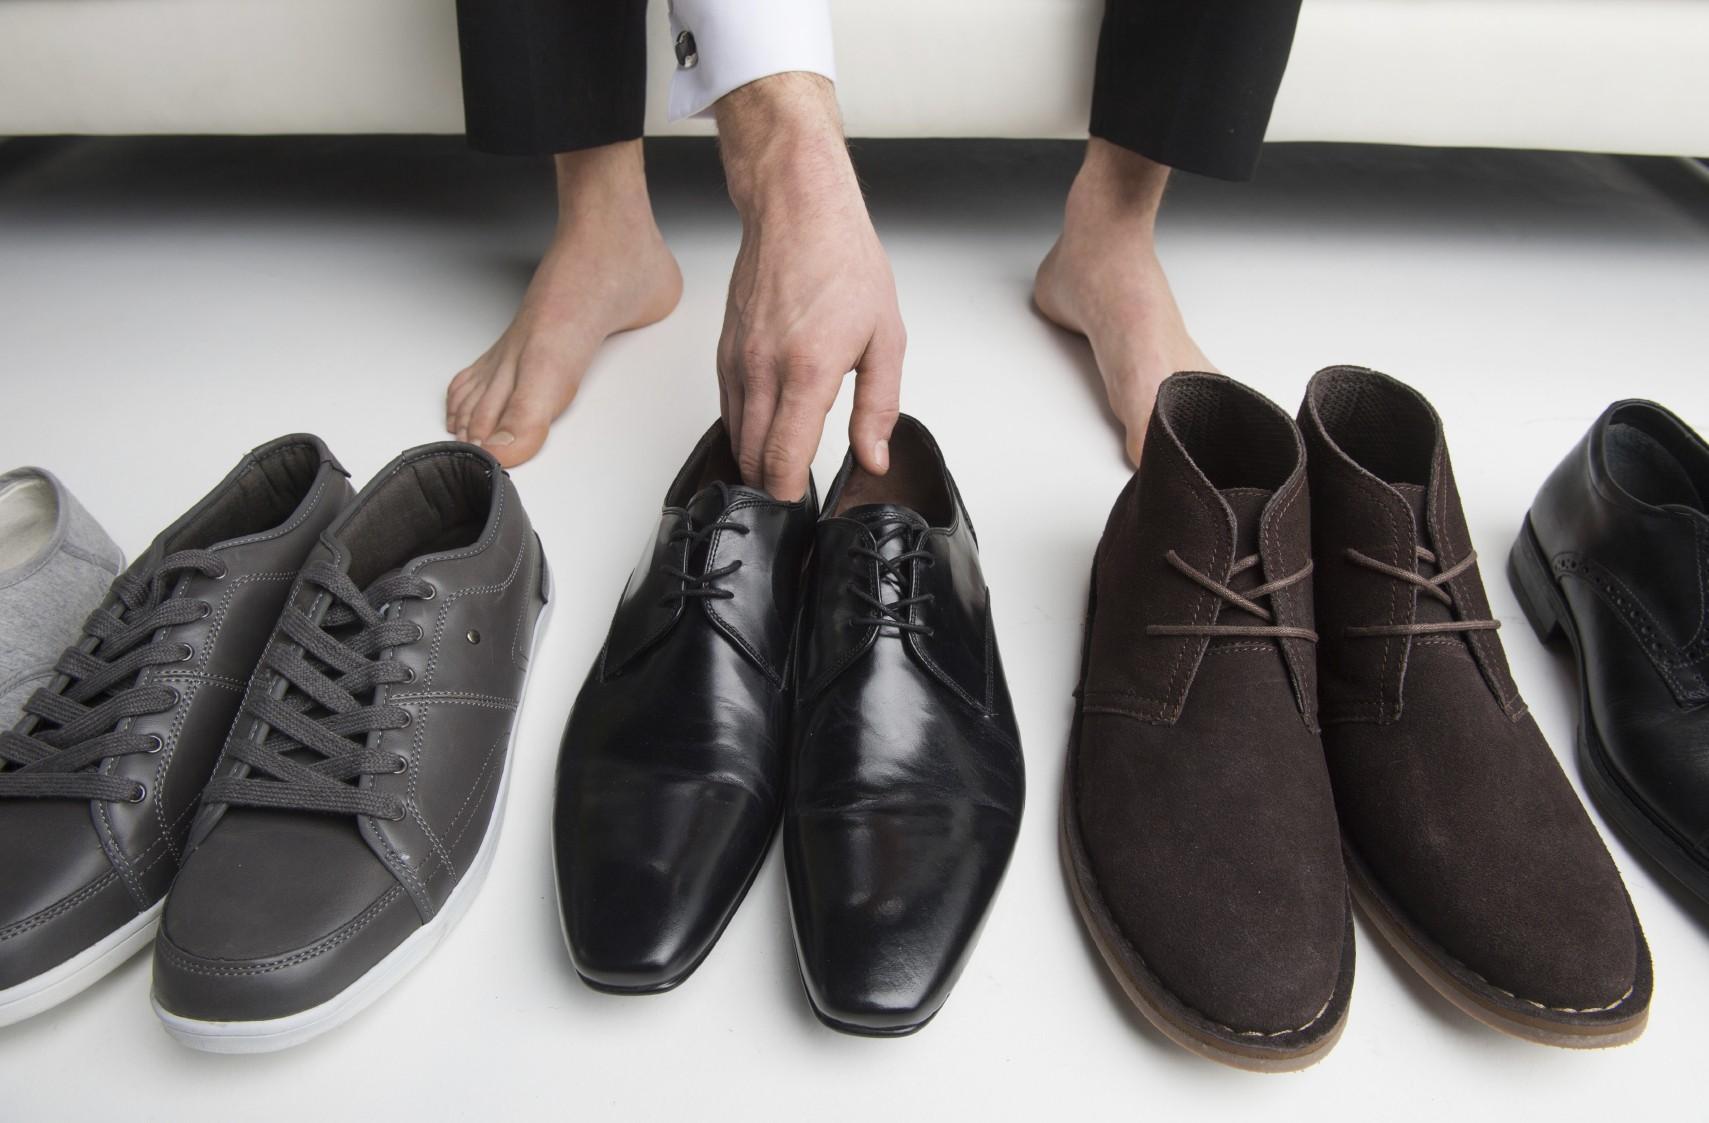 64ade8f3cce 4 zapatos que todo hombre debe tener - BUHO